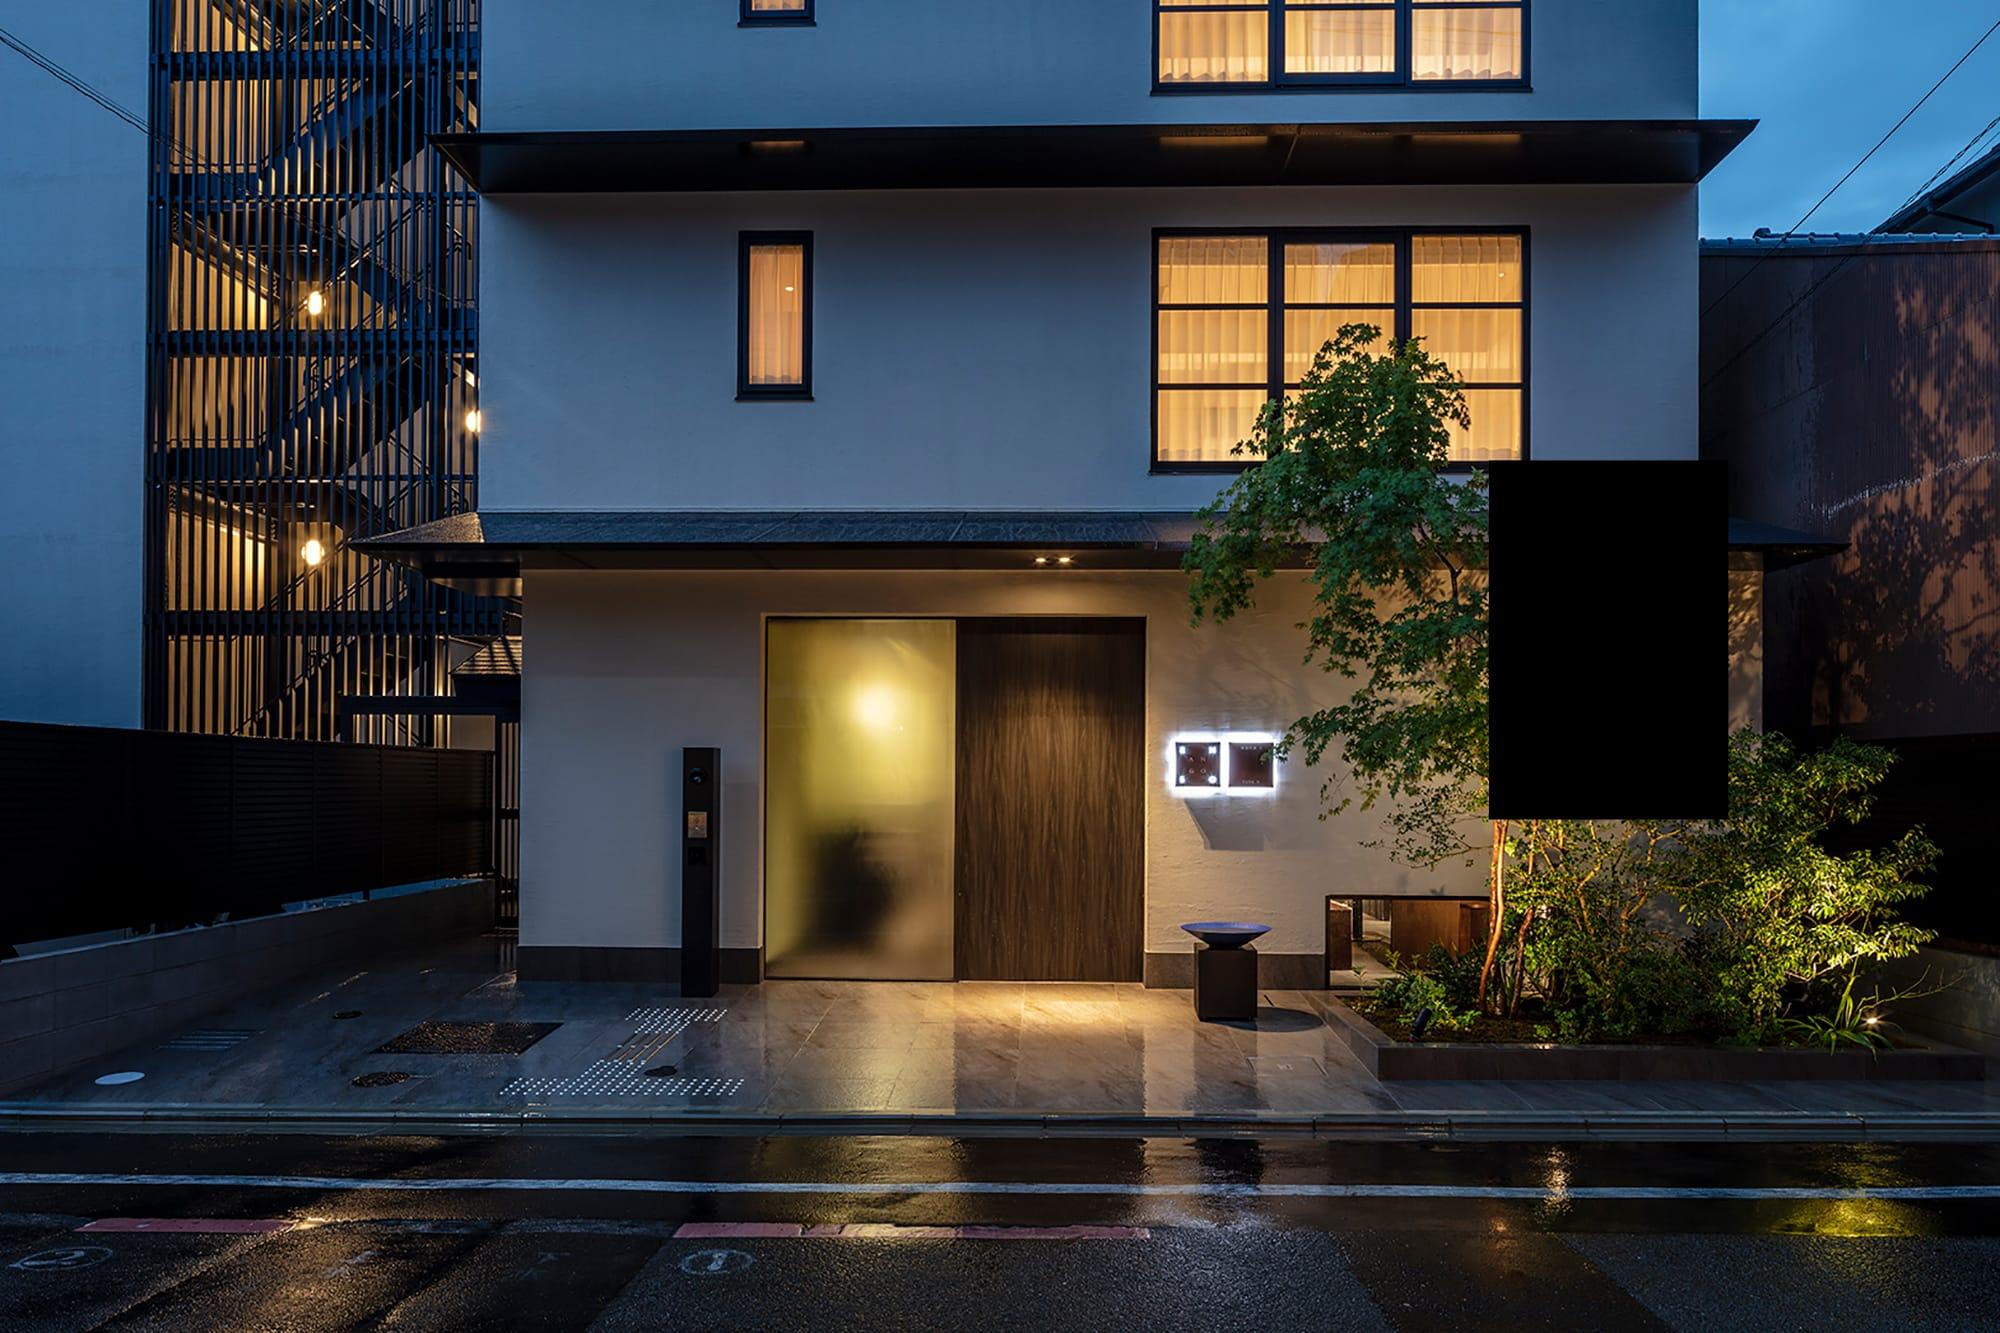 「ザジェネラルキョウト 高辻麩屋町(Enso Ango FUYAⅡ 麩屋町通Ⅱ)」(日本・京都)は2018年に開業した日本初の分散型ホテル。京都市内でも人気のエリア四条通と五条通、鴨川の東側の5カ所に5つの特徴あるホテルが分散して立地する。棟によってデザインのコンセプトが異なり、5つを周遊しながら愉しめる